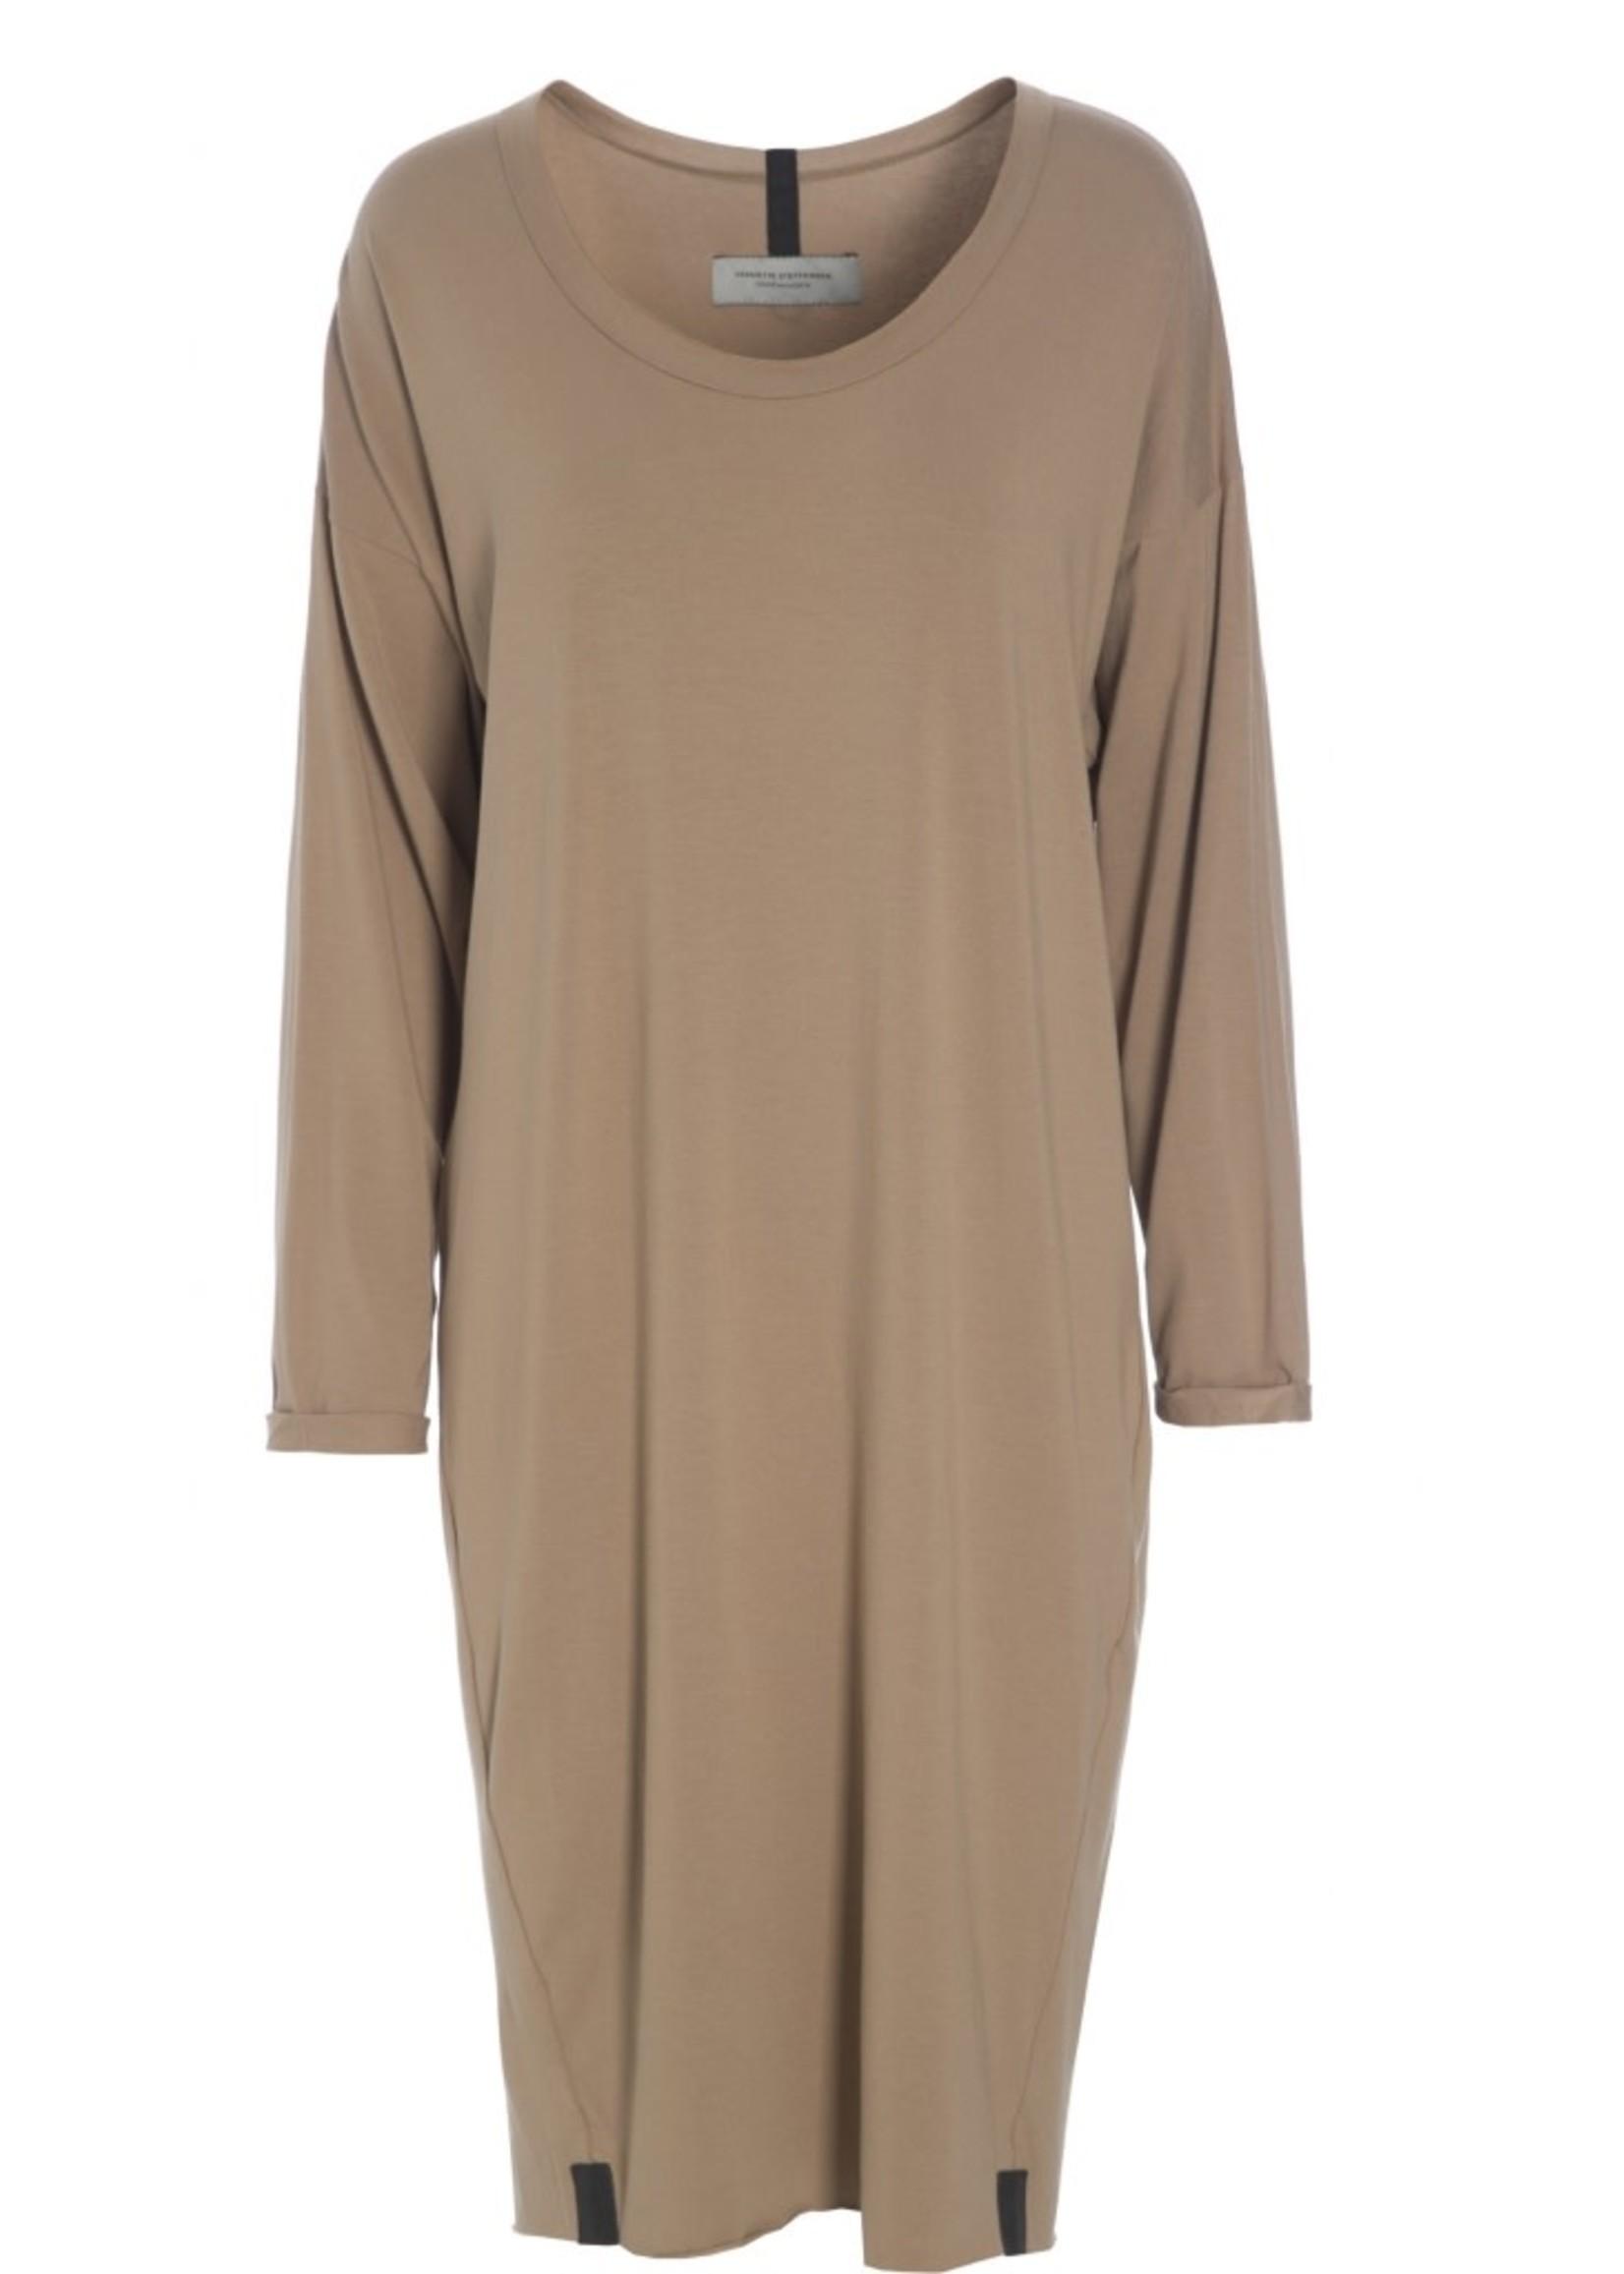 HENRIETTE STEFFENSEN Tunic Camel One Size